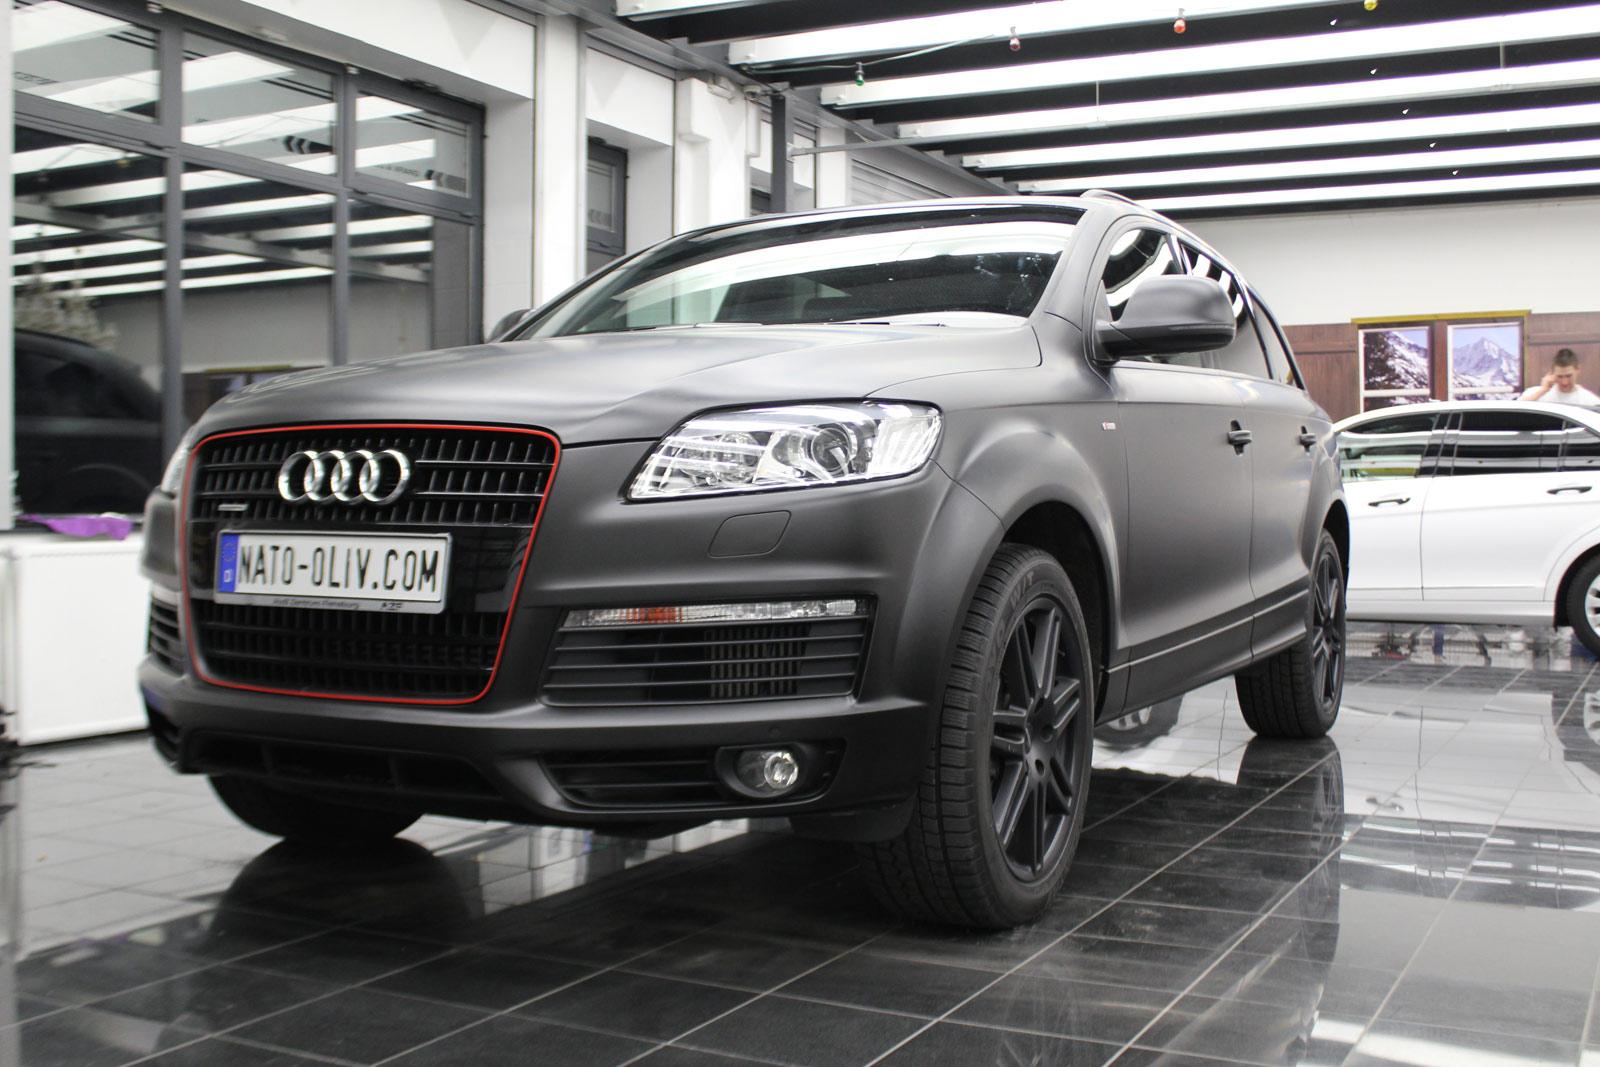 Audi_Q7_Folierung_Schwarz_Matt_20